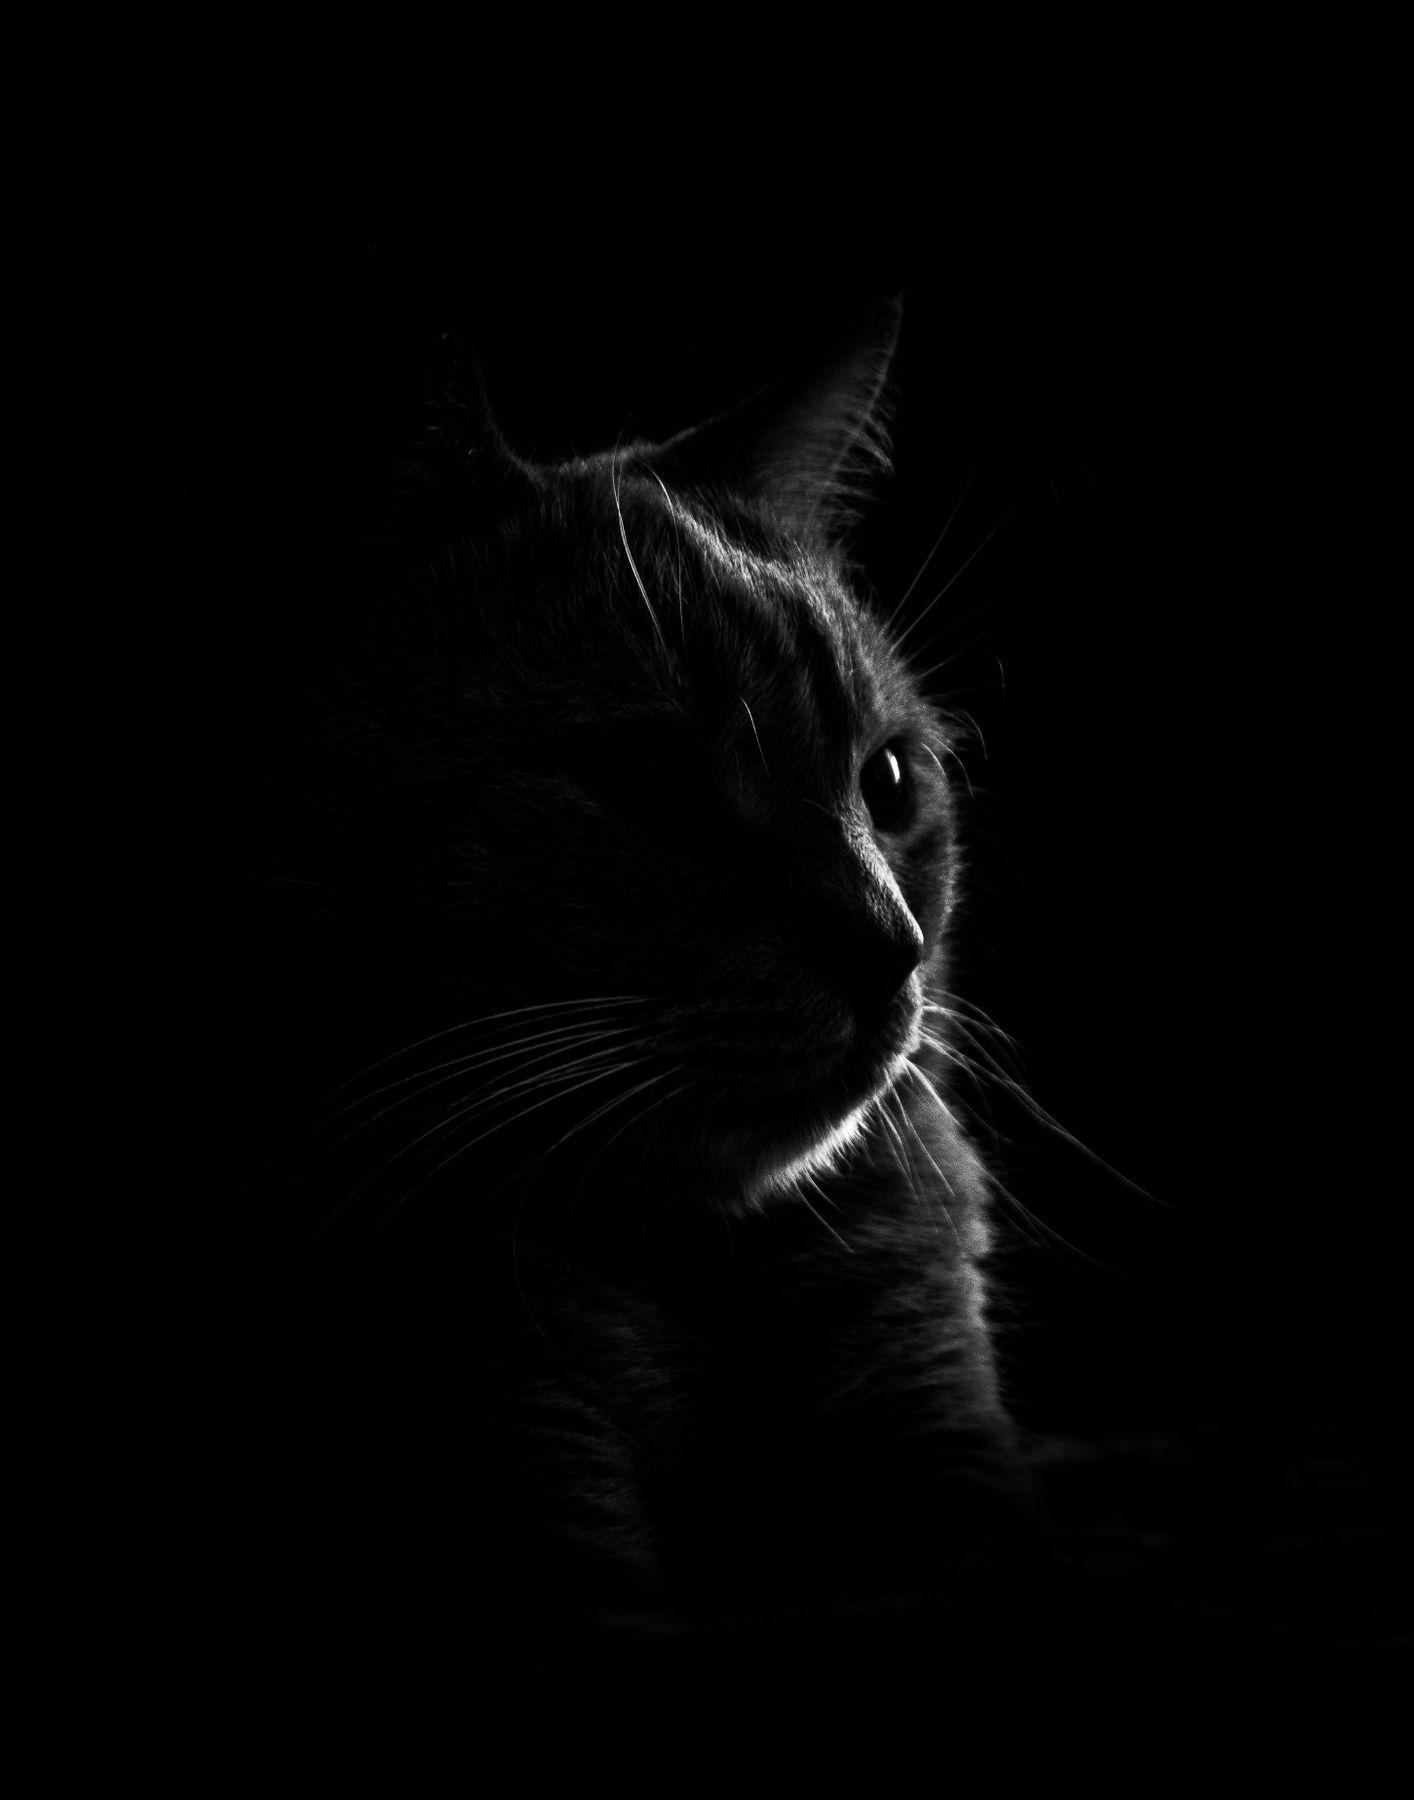 Кот Кот кошка чёрное белое тень свет